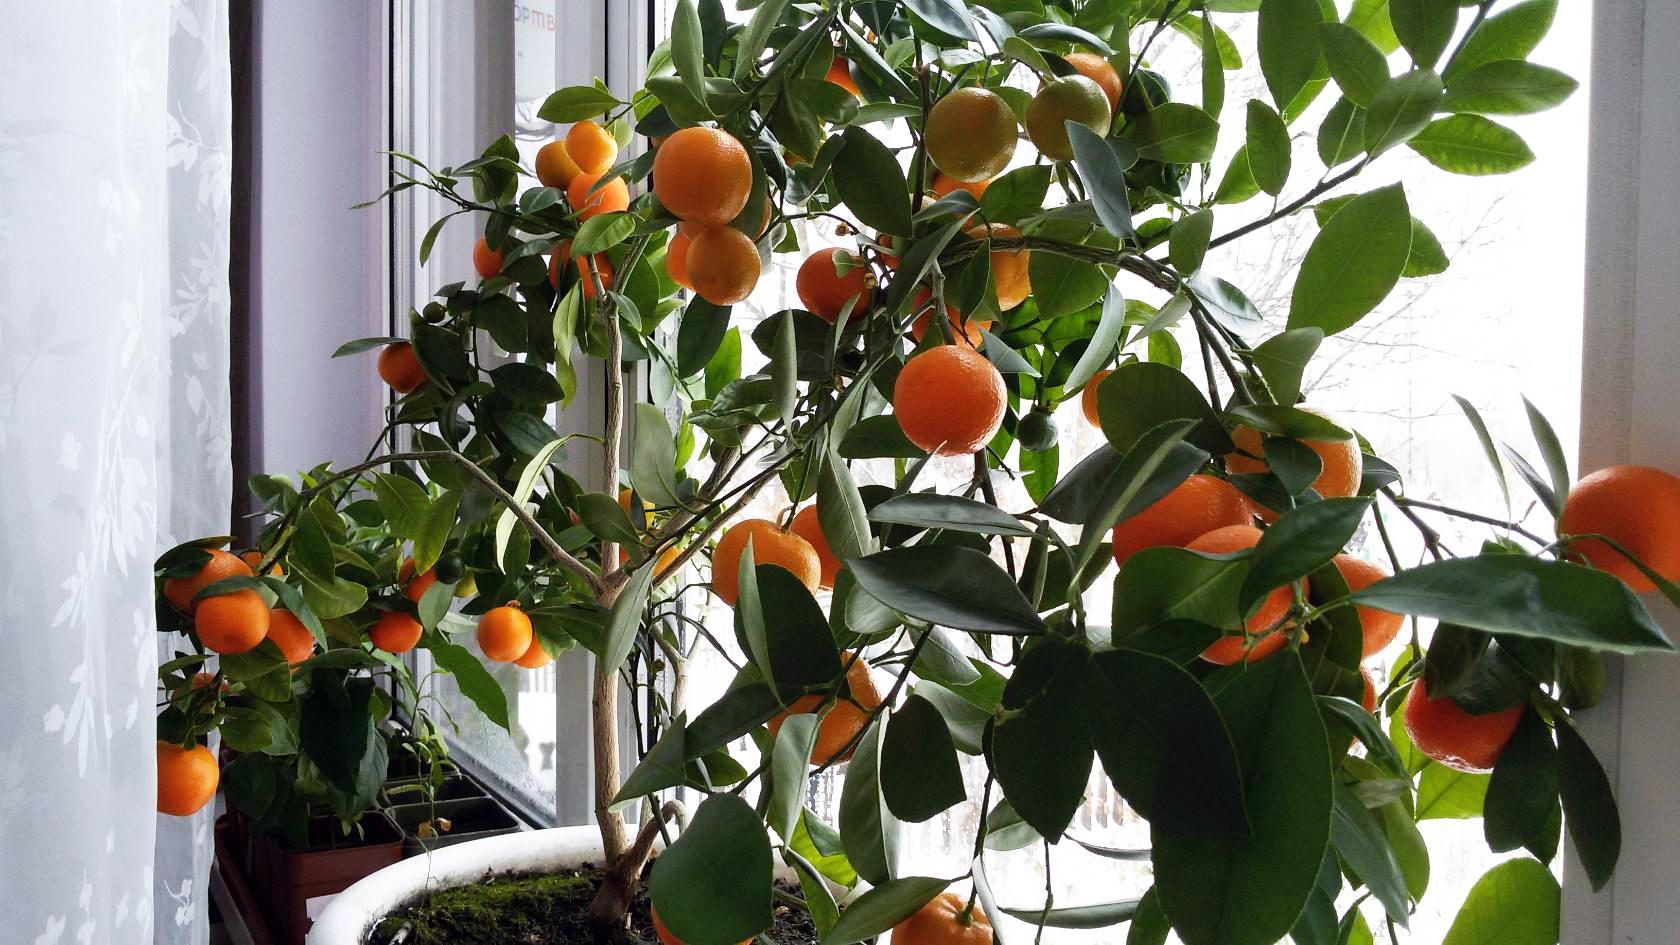 Фруктовая оранжерея: как вырастить апельсин из косточки в домашних условиях с плодами, посадка и уход, фото